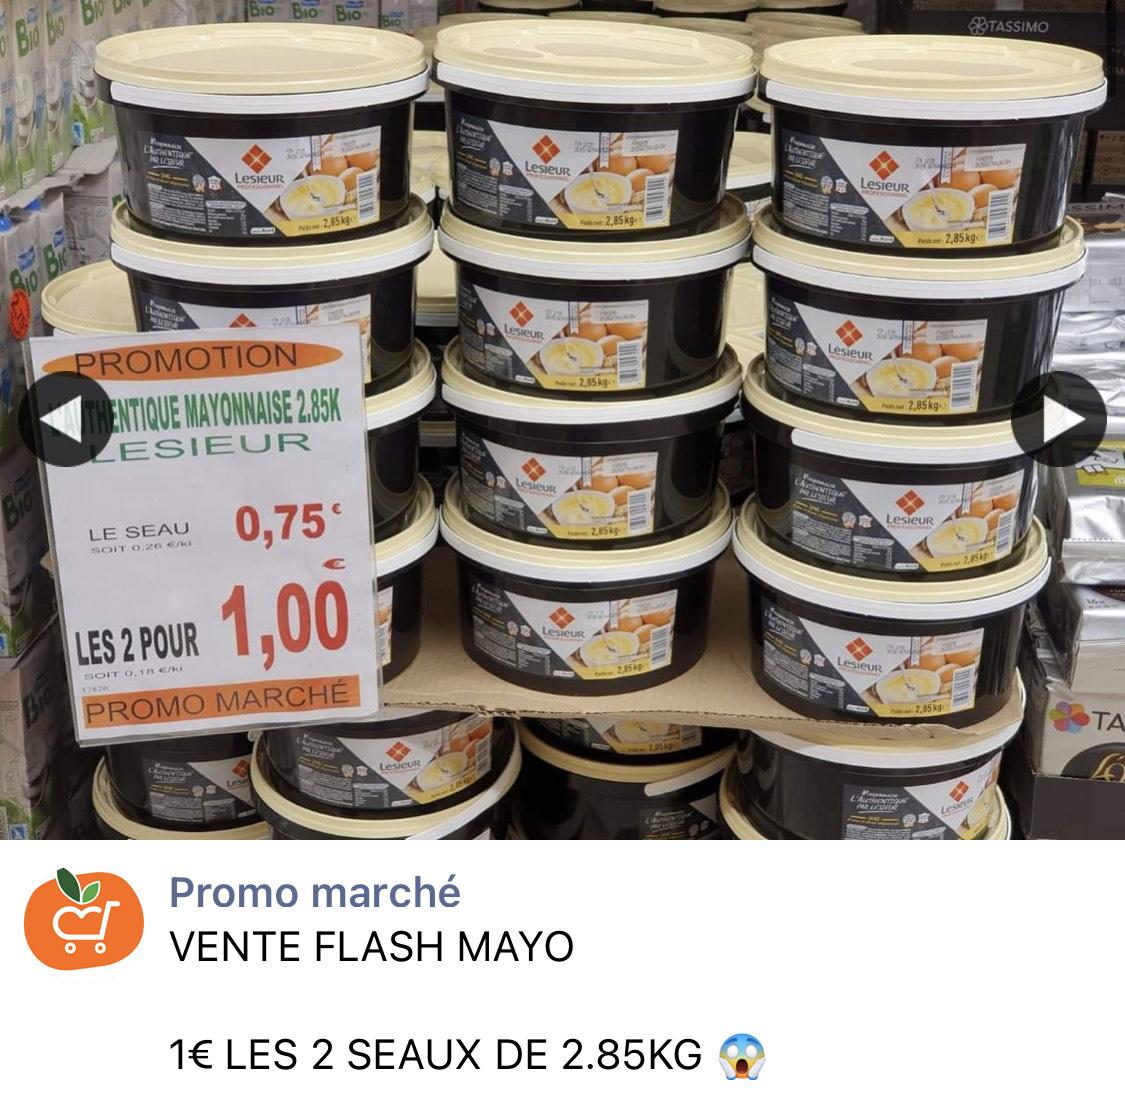 2 seaux de 2.85kg de mayonnaise Lessieur - Promo Marché Betheny (51)